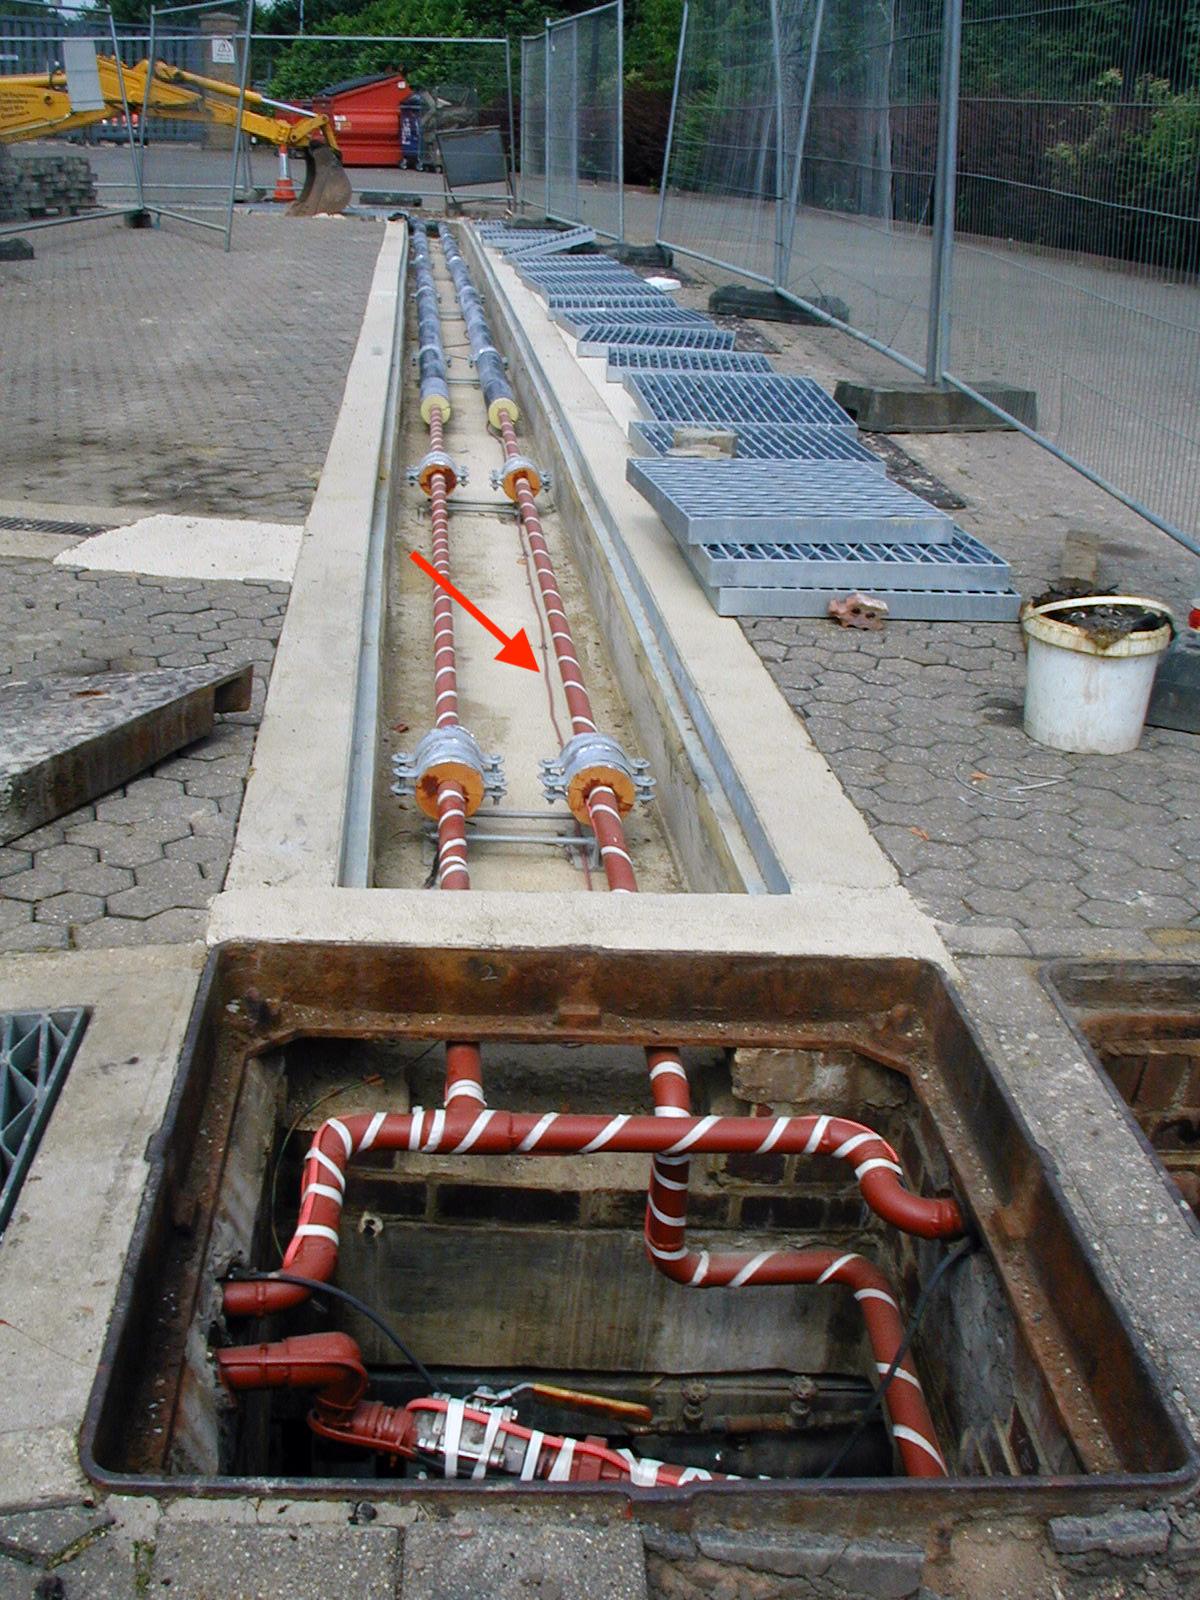 Przewód sensorowy TraceTek TT5000 zainstalowany w betonowym wykopie w sąsiedztwie rur do oleju napędowego prowadzących z zewnętrznego naziemnego zbiornika magazynowego zapewnia wczesne ostrzeżenie, aby ostrzec właściciela o niewielkim wycieku paliwa, zanim stanie się on zagrożeniem dla środowiska lub bezpieczeństwa